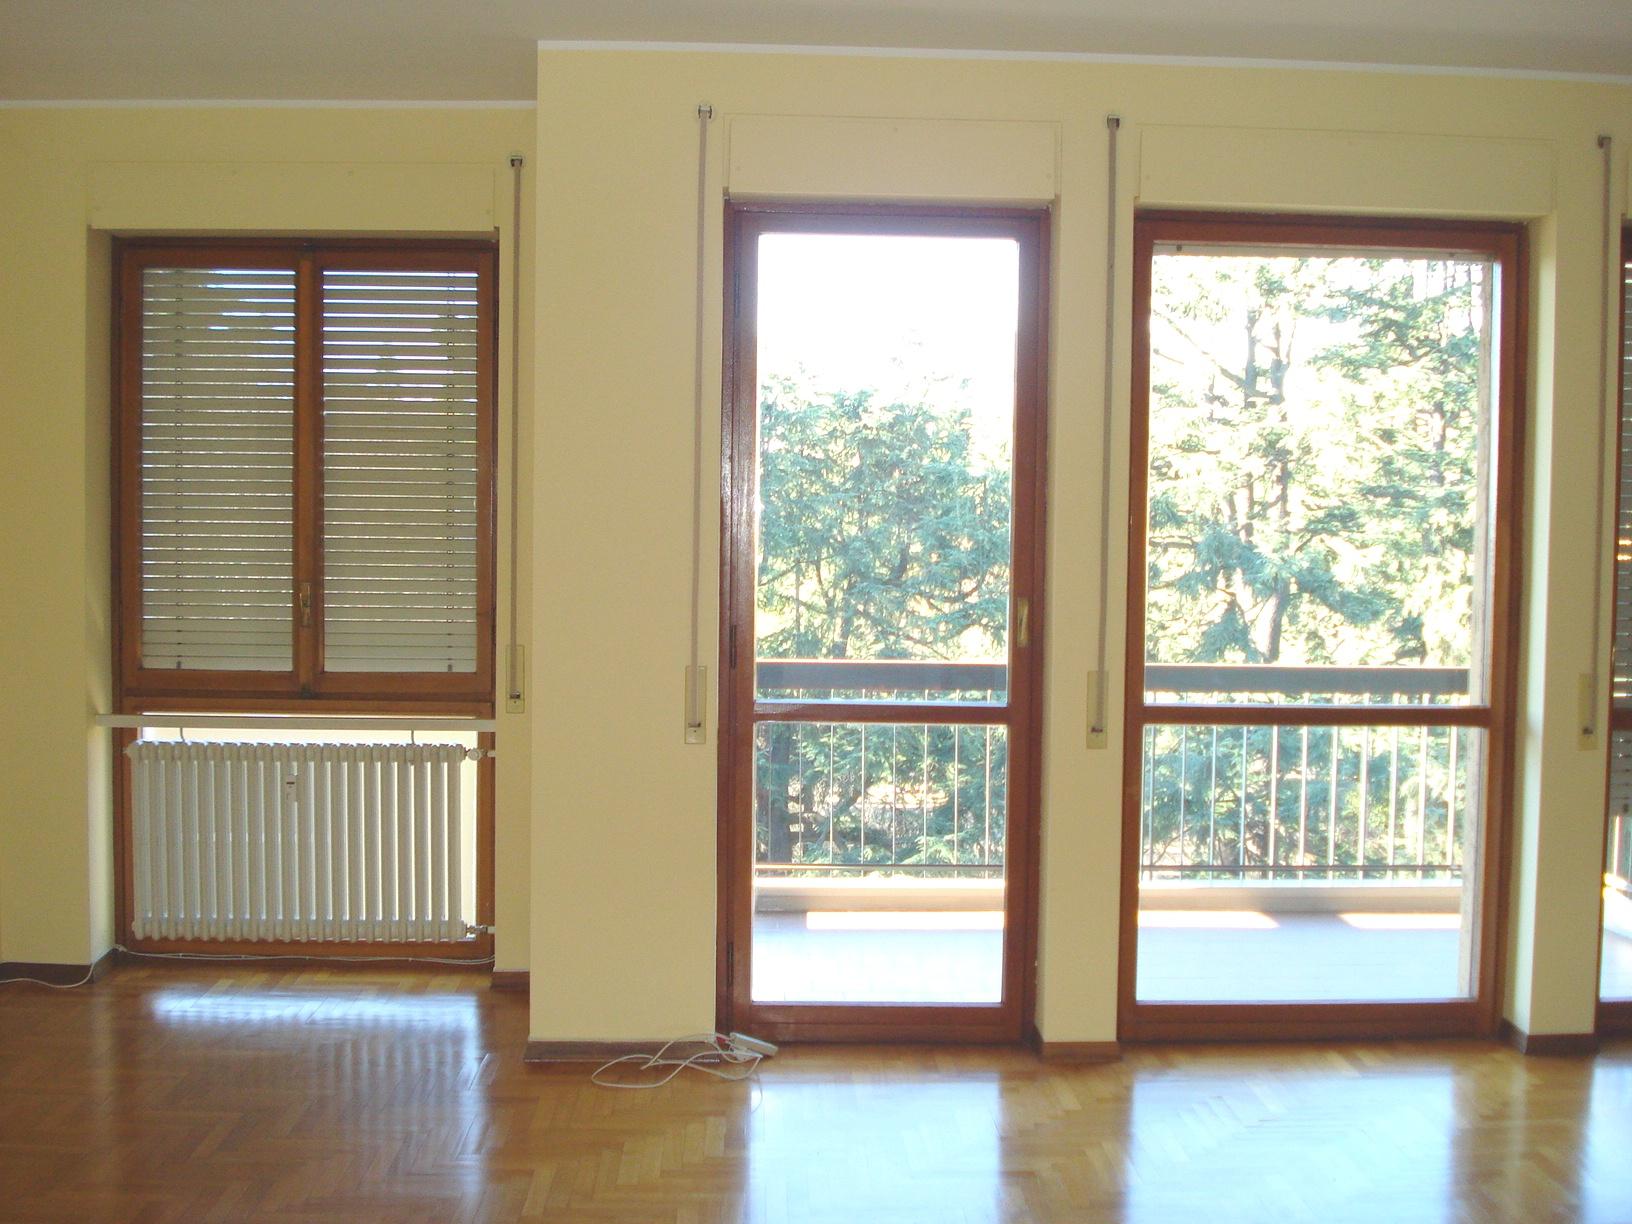 Appartamento in affitto a Biella, 5 locali, zona Zona: Centro, prezzo € 550 | Cambio Casa.it